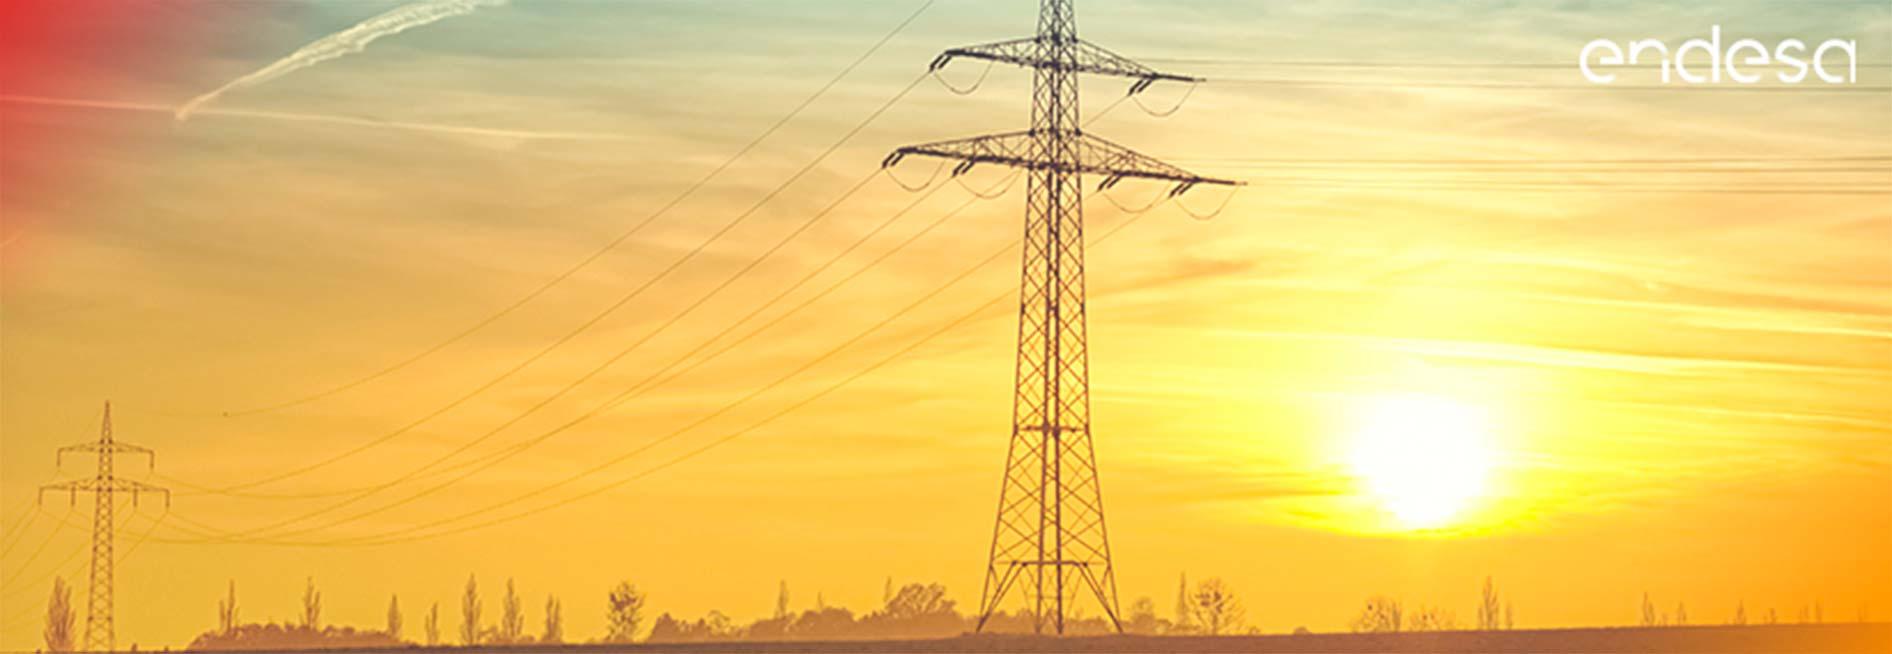 PRÁCTICAS ENERGÍA BARCELONA